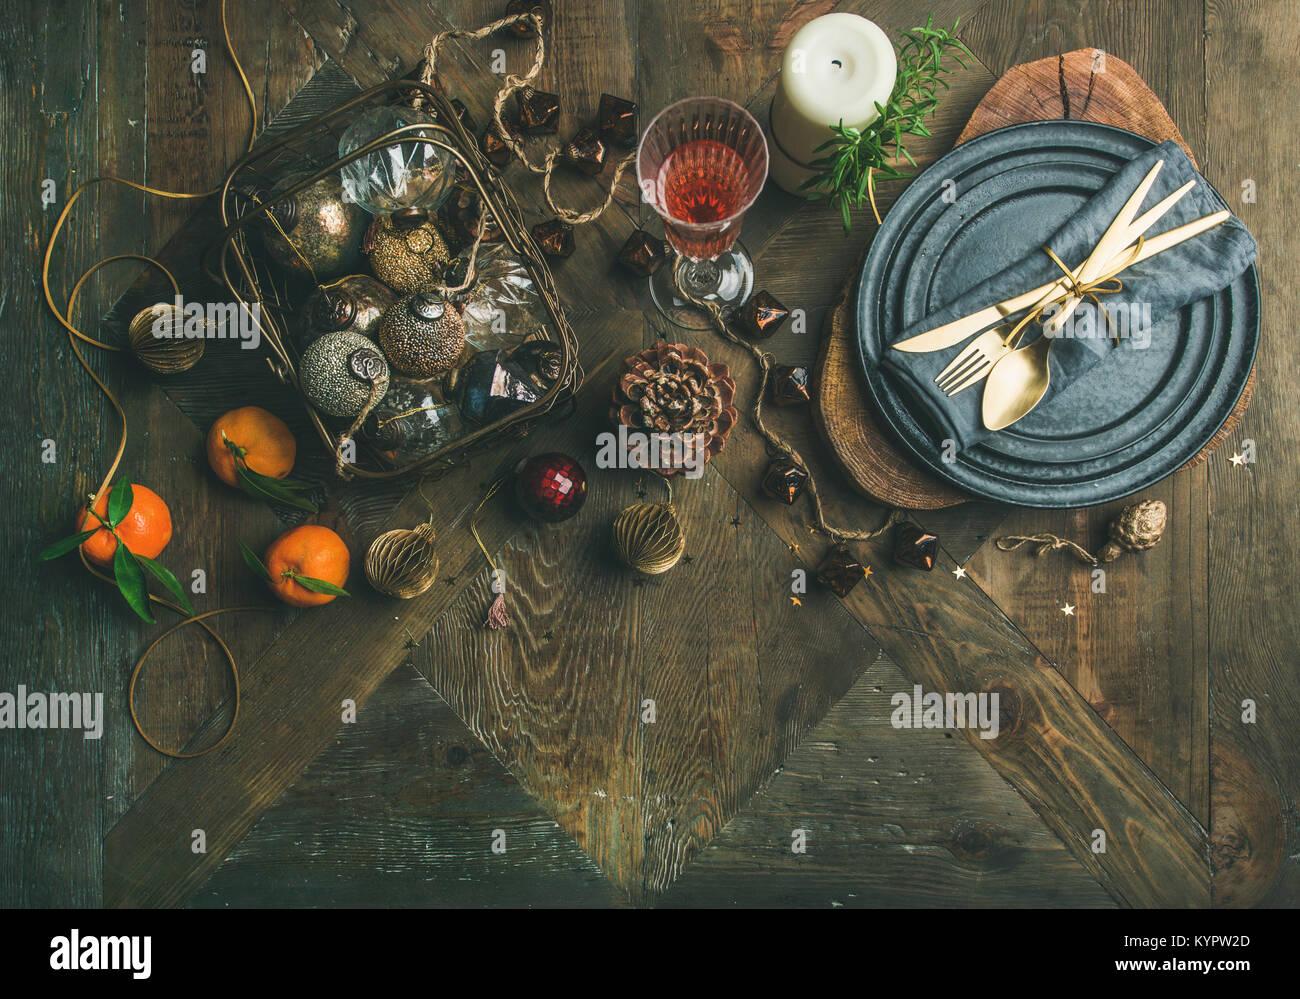 Weihnachten oder Silvester Urlaub Tabelle einstellen. Flachbild-lay von Teller, Besteck, shampaigne in Glas, Kerze Stockbild